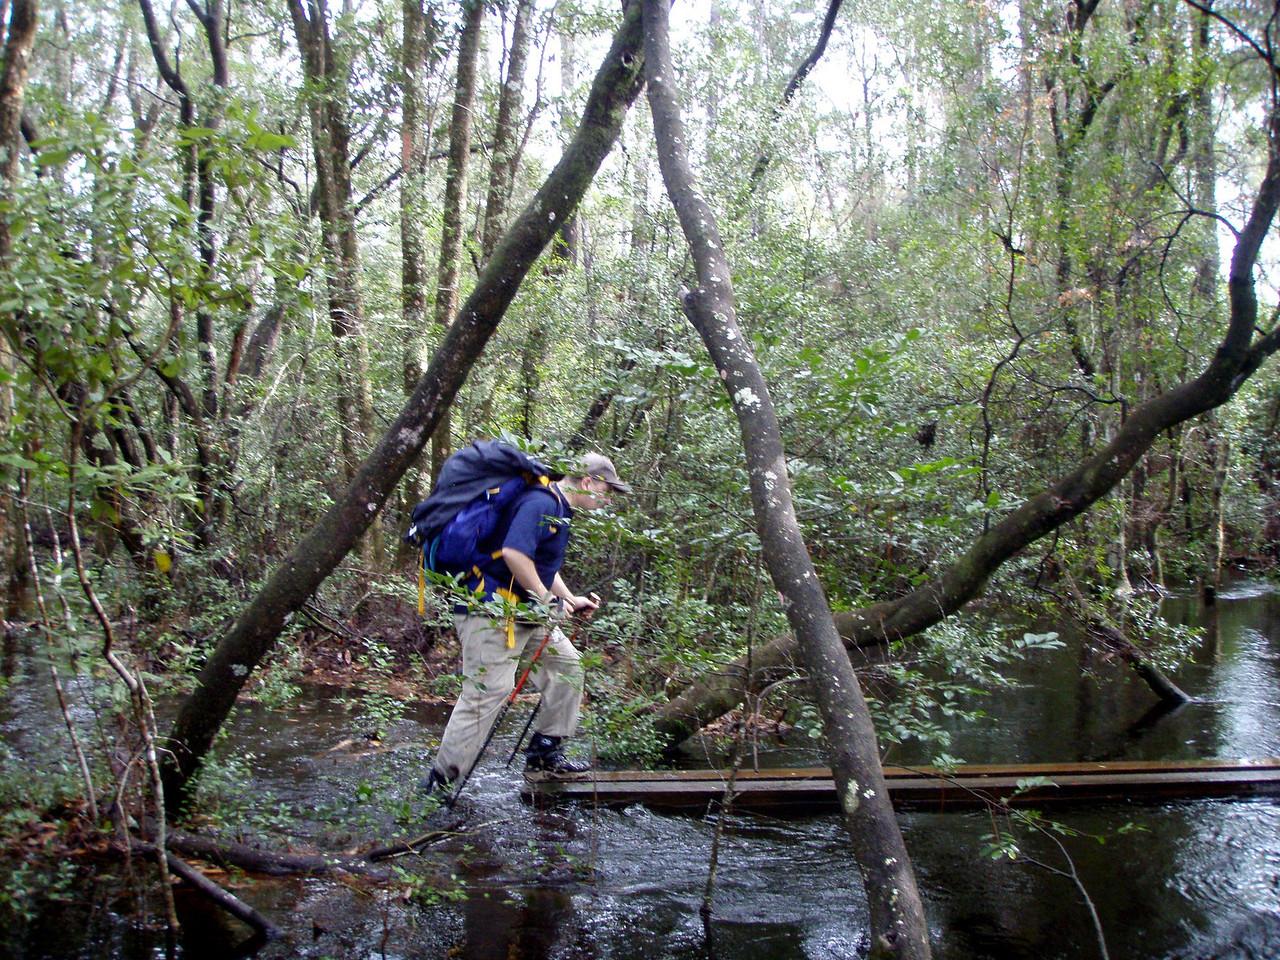 Jeff finds the bridge, too.